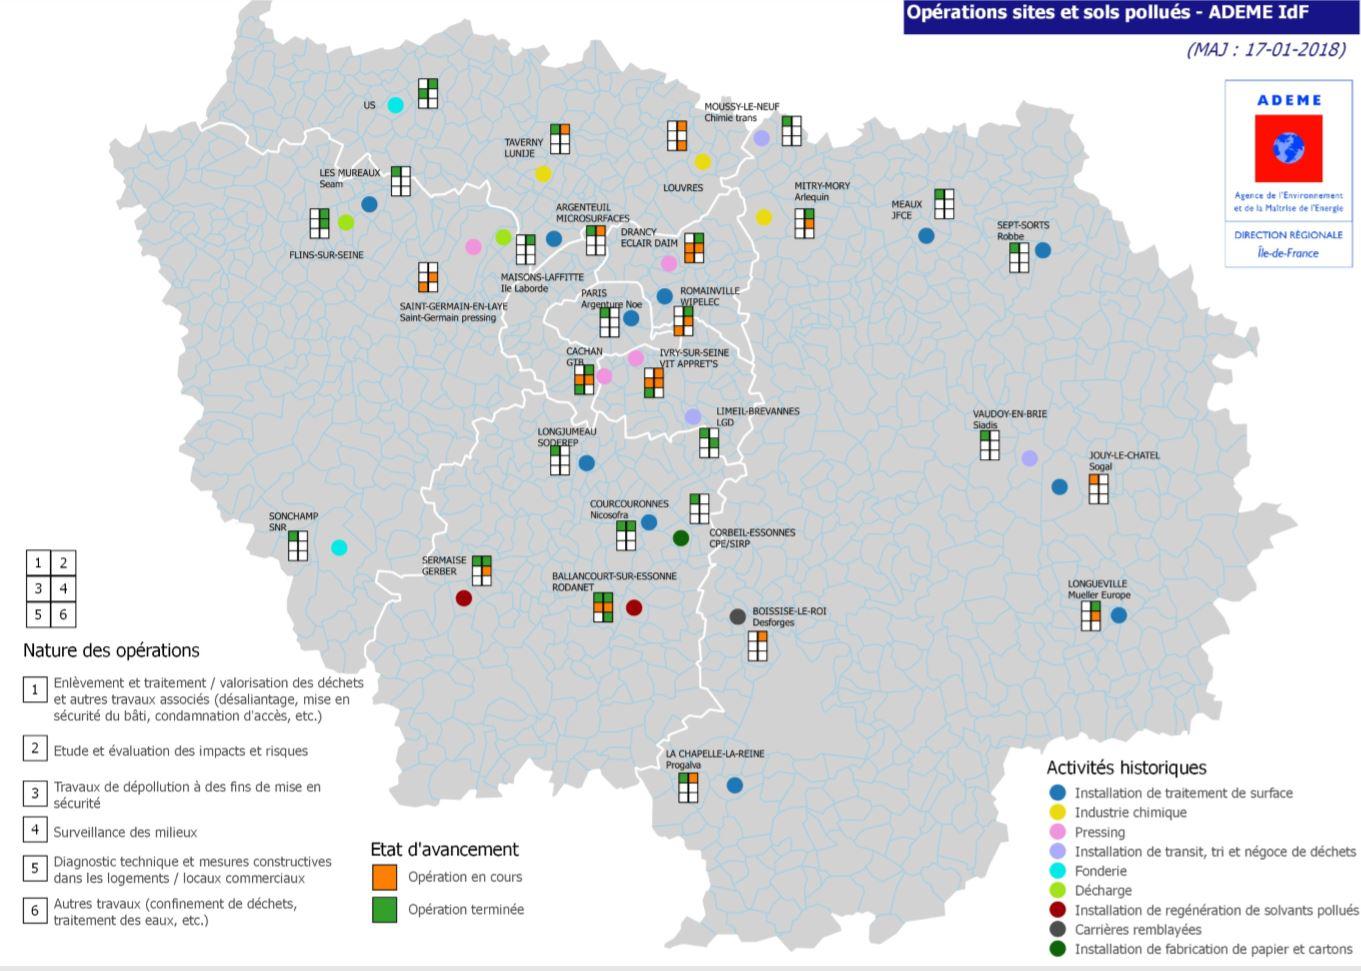 Cartographie des opérations sur sites et sols pollués en Île-de-France